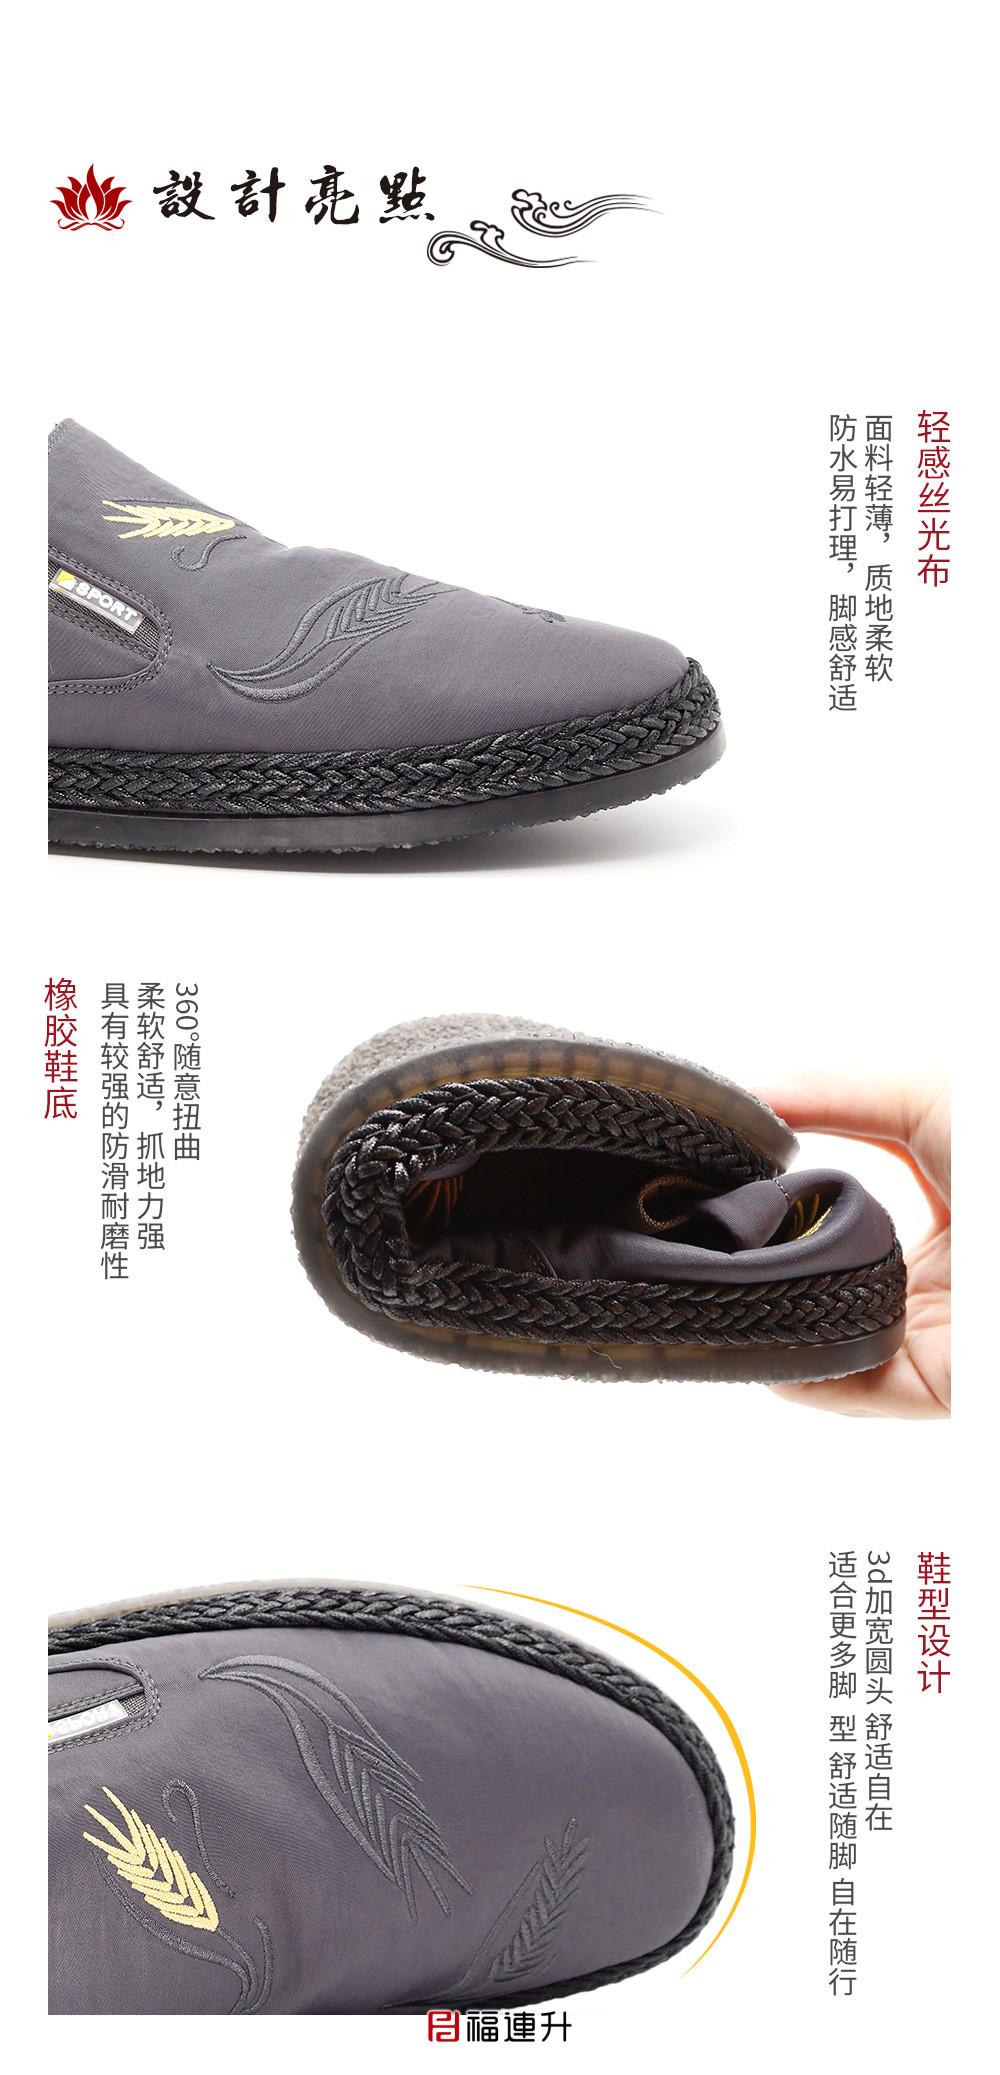 雨伞布一脚蹬平底棉麻舒适防滑透气老北京布鞋男鞋图片